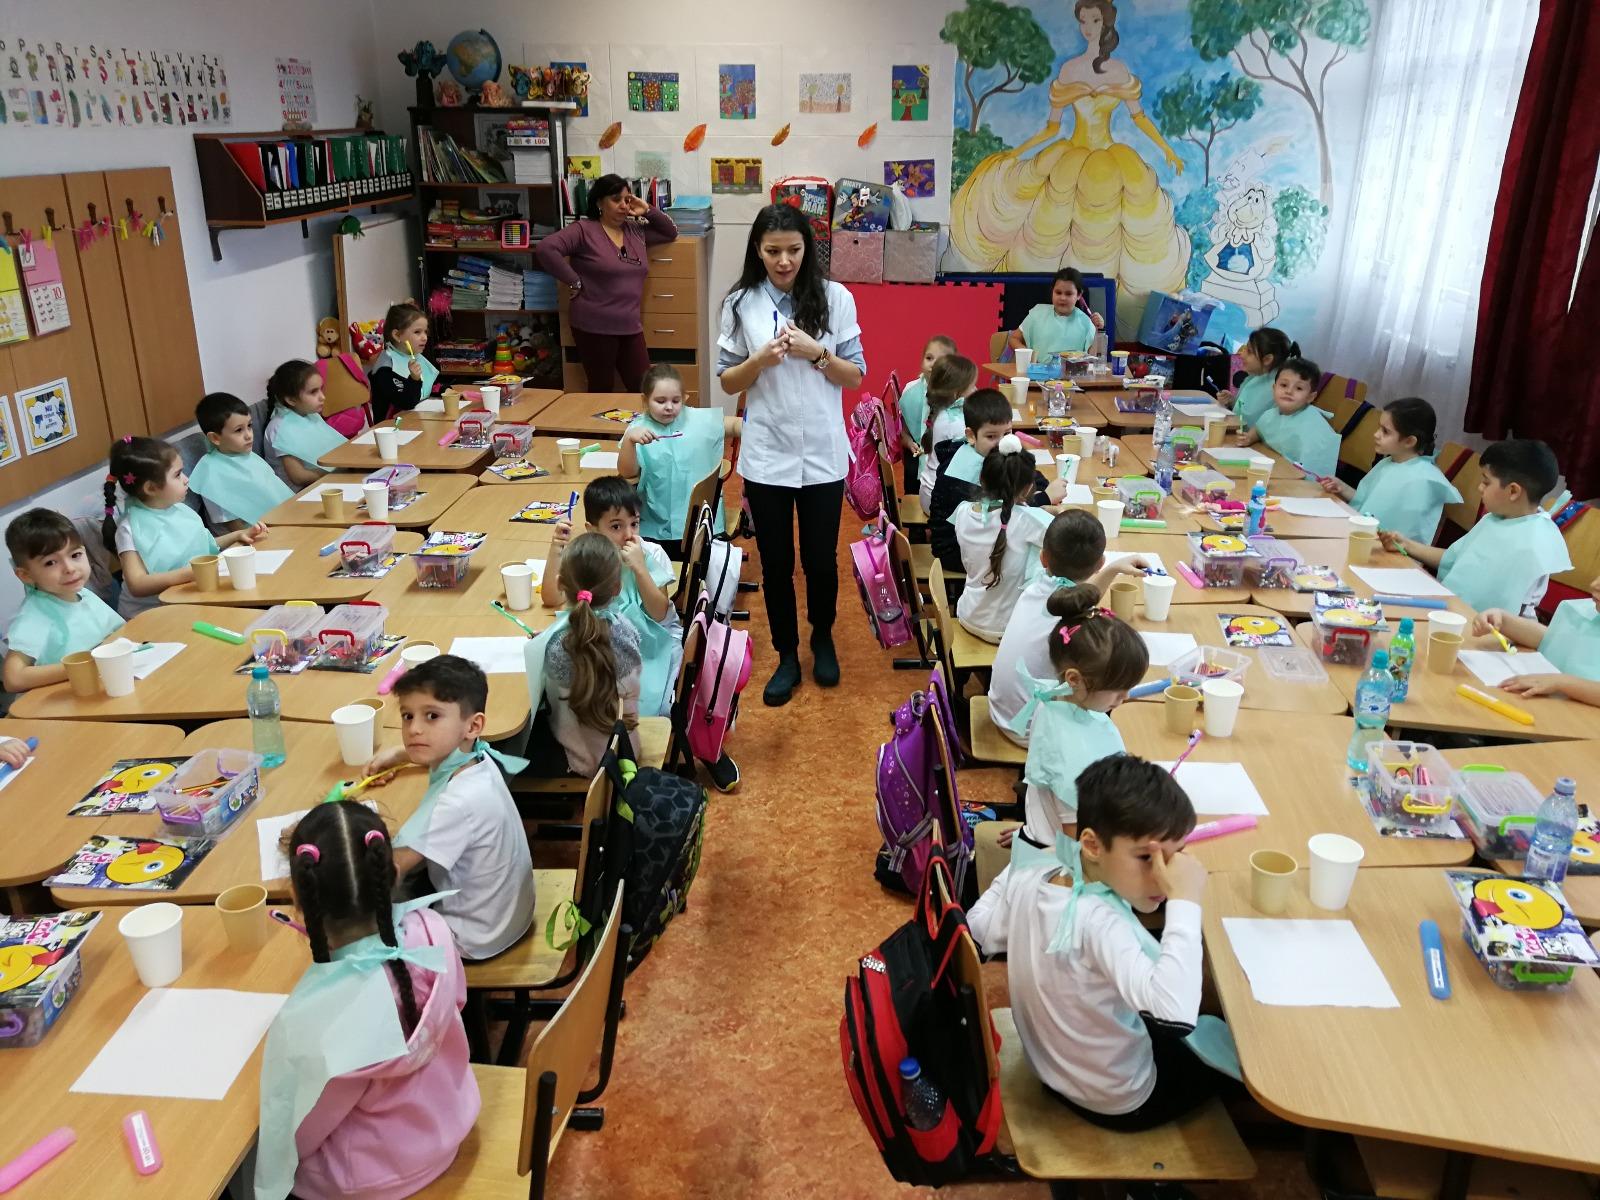 Stiriong.ro: Folosind un model internațional de educație pentru sănătate orală,  Merci Charity a introdus în școli un program pilot de periaj dentar pentru copii